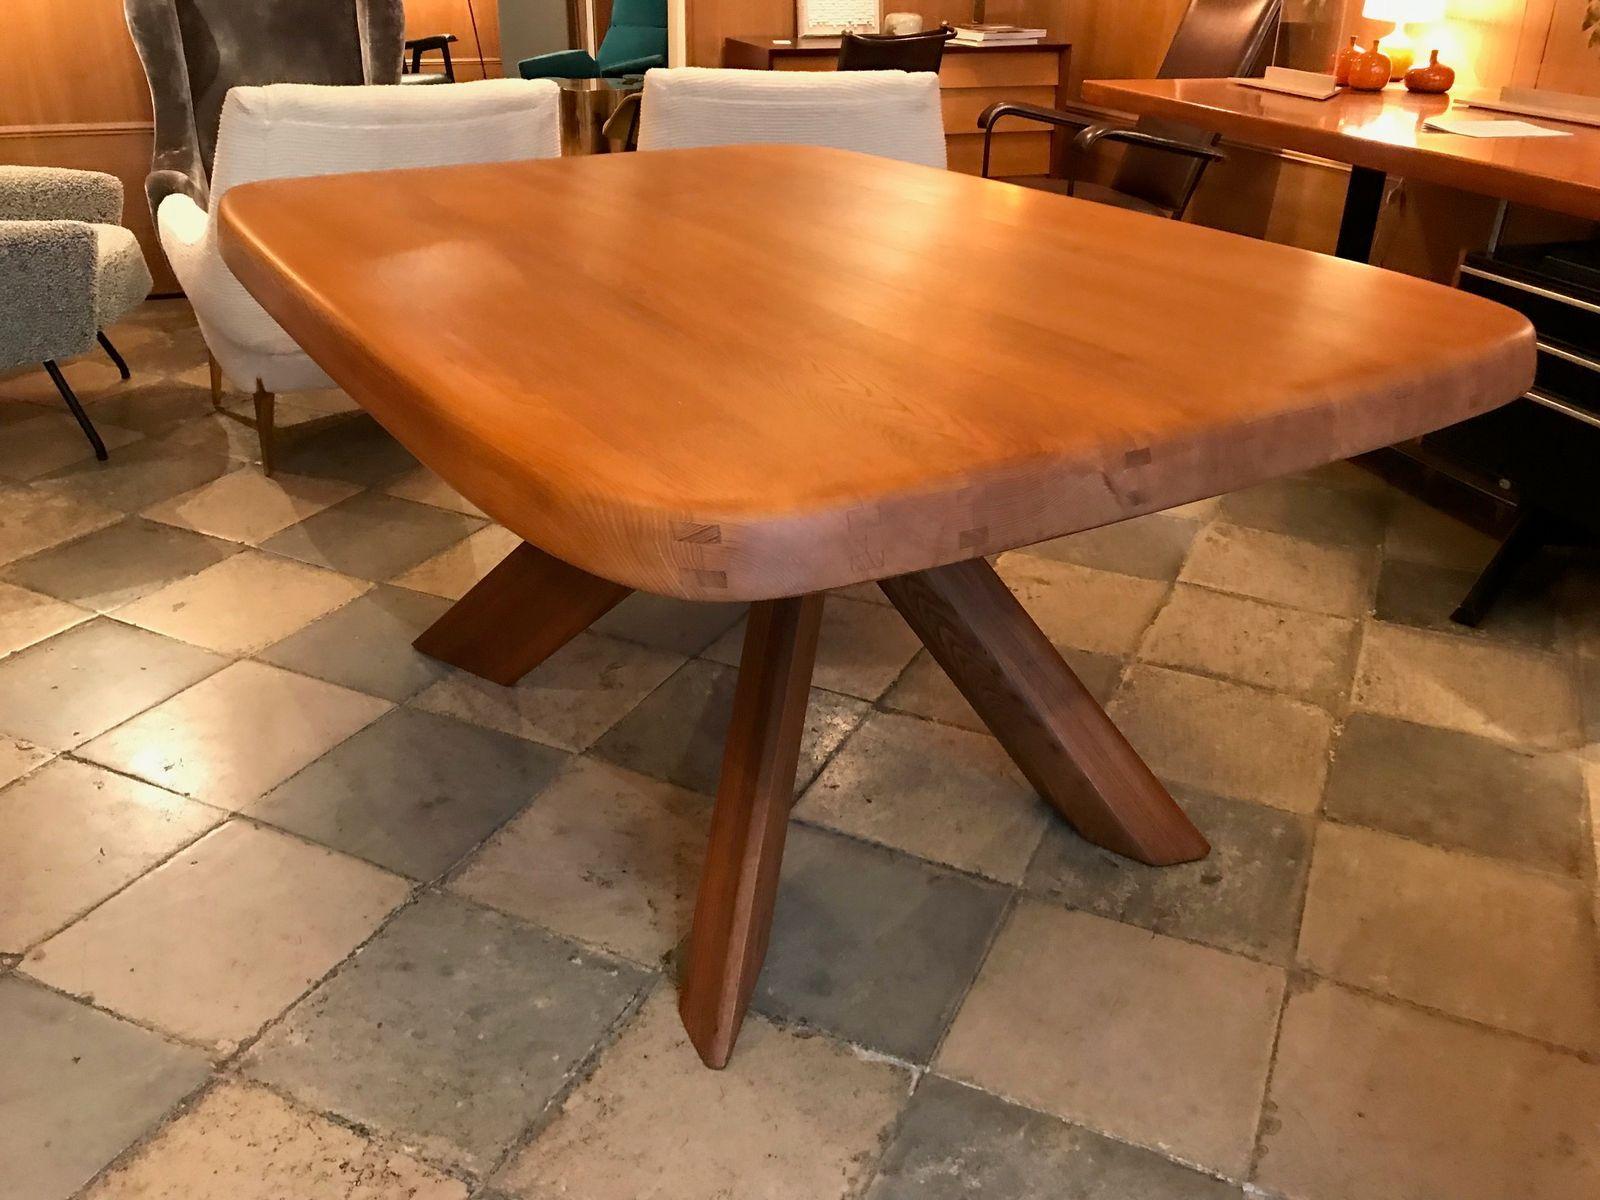 Esstisch Stuhle Holz Weiss Wohnzimmertisch Massivholz Buche Esstisch Stuhle Holz Roller Tischgruppe Doris Esstis Stuhl Holz Stuhl Design Esstisch Stuhle